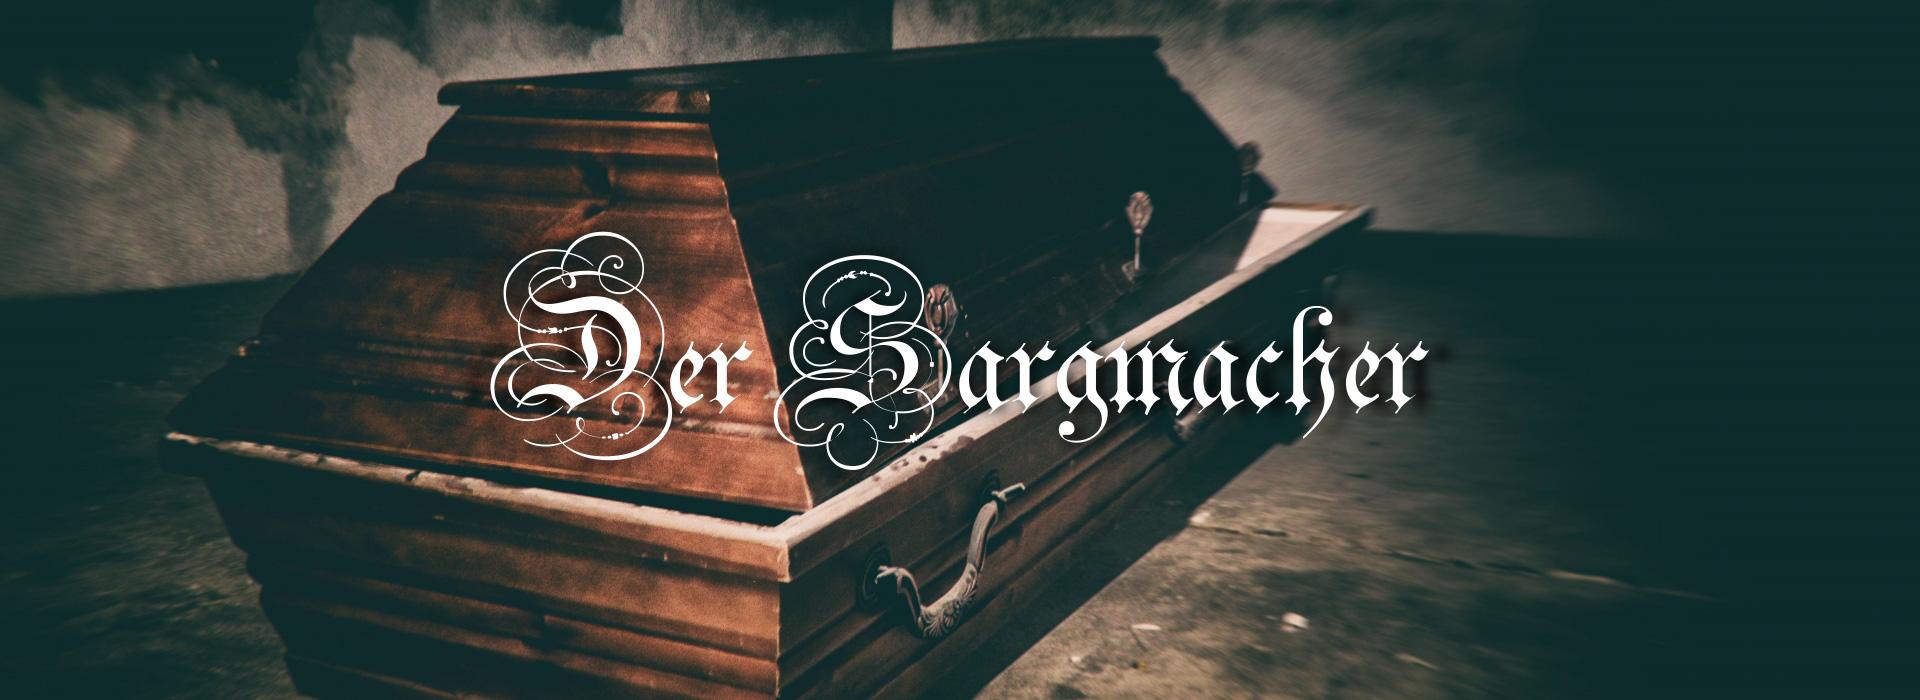 sargmacher